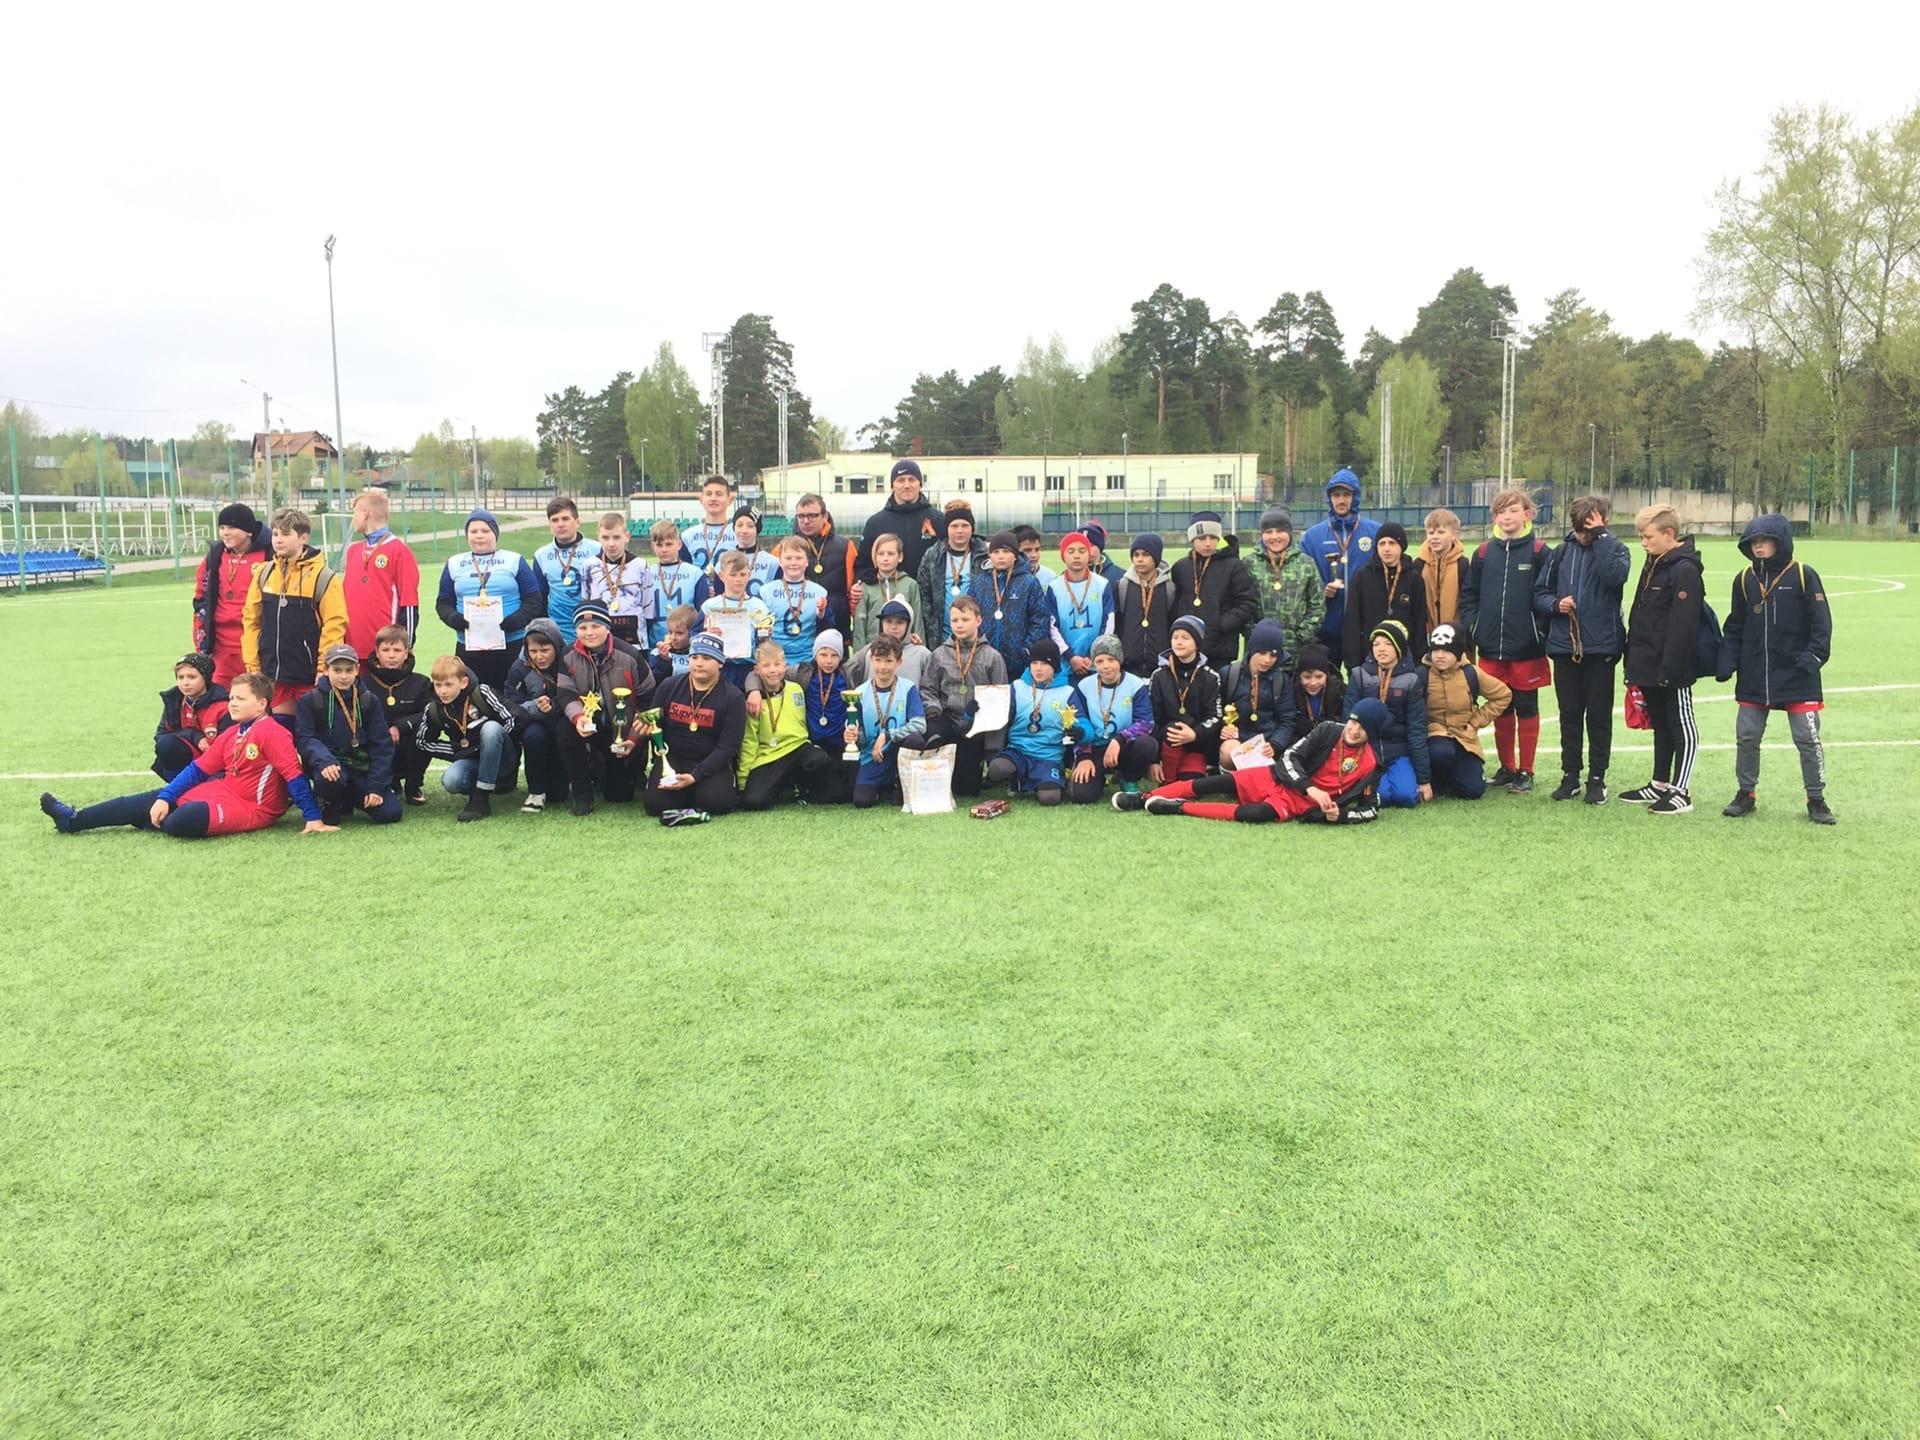 09 мая на стадионе им. А. Гринина состоялся Турнир по мини-футболу среди подростковых команд, посвящённый Дню Победы.